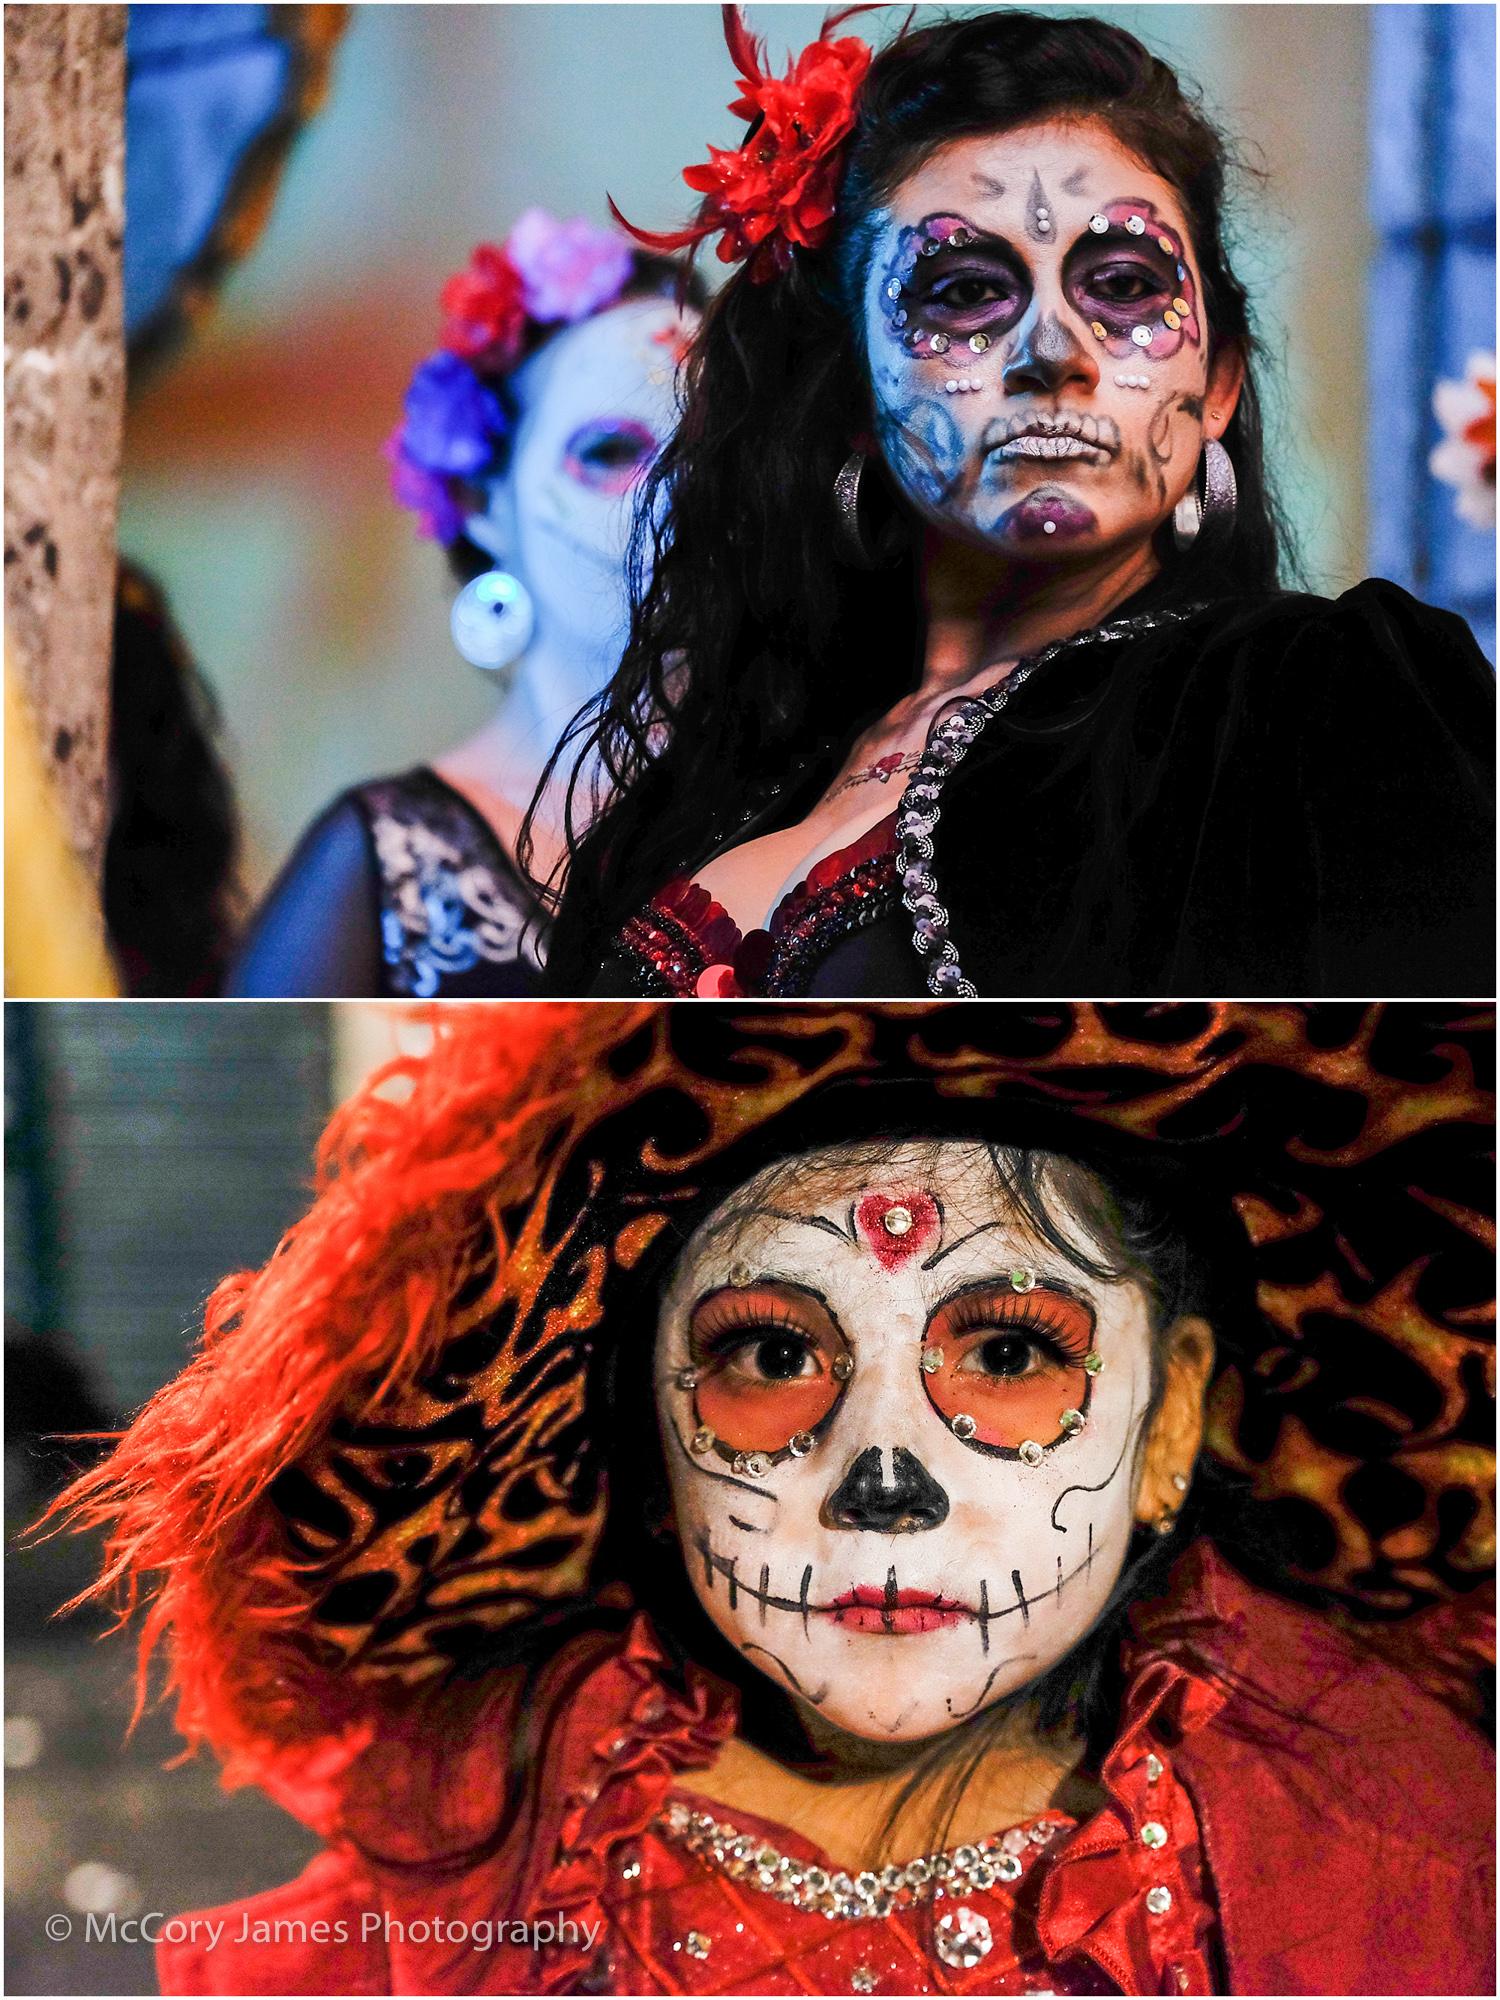 dia los mexico muertos mixquic ciudad xochimilco san denver elevatephotography